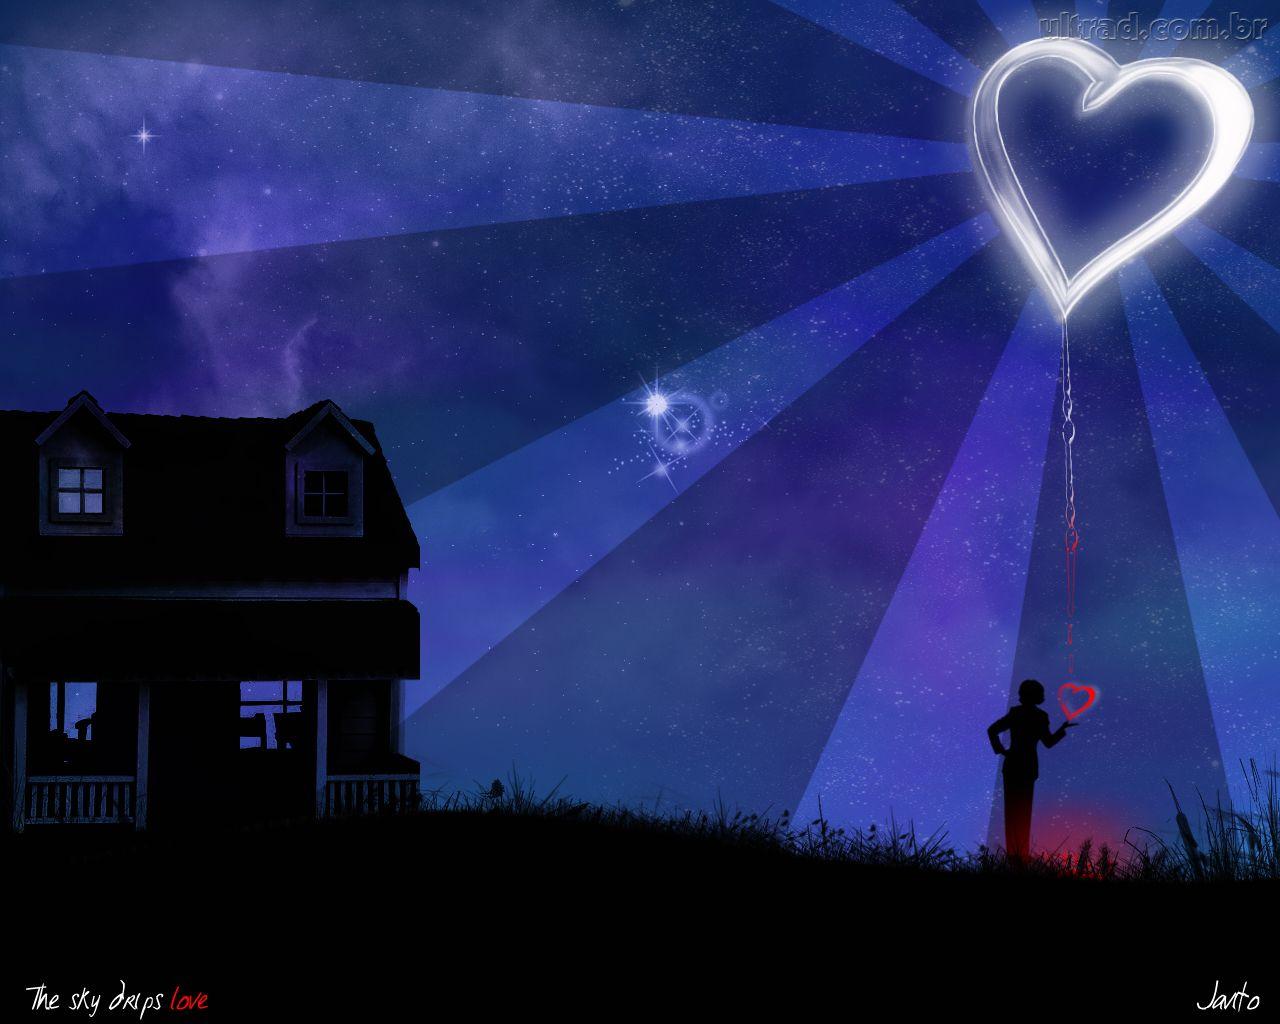 Boa Noite Amor: TE AMO!!!! TE AMO!!! MEU AMOR!!!: AMOR.... BOA NOITE!!! TE